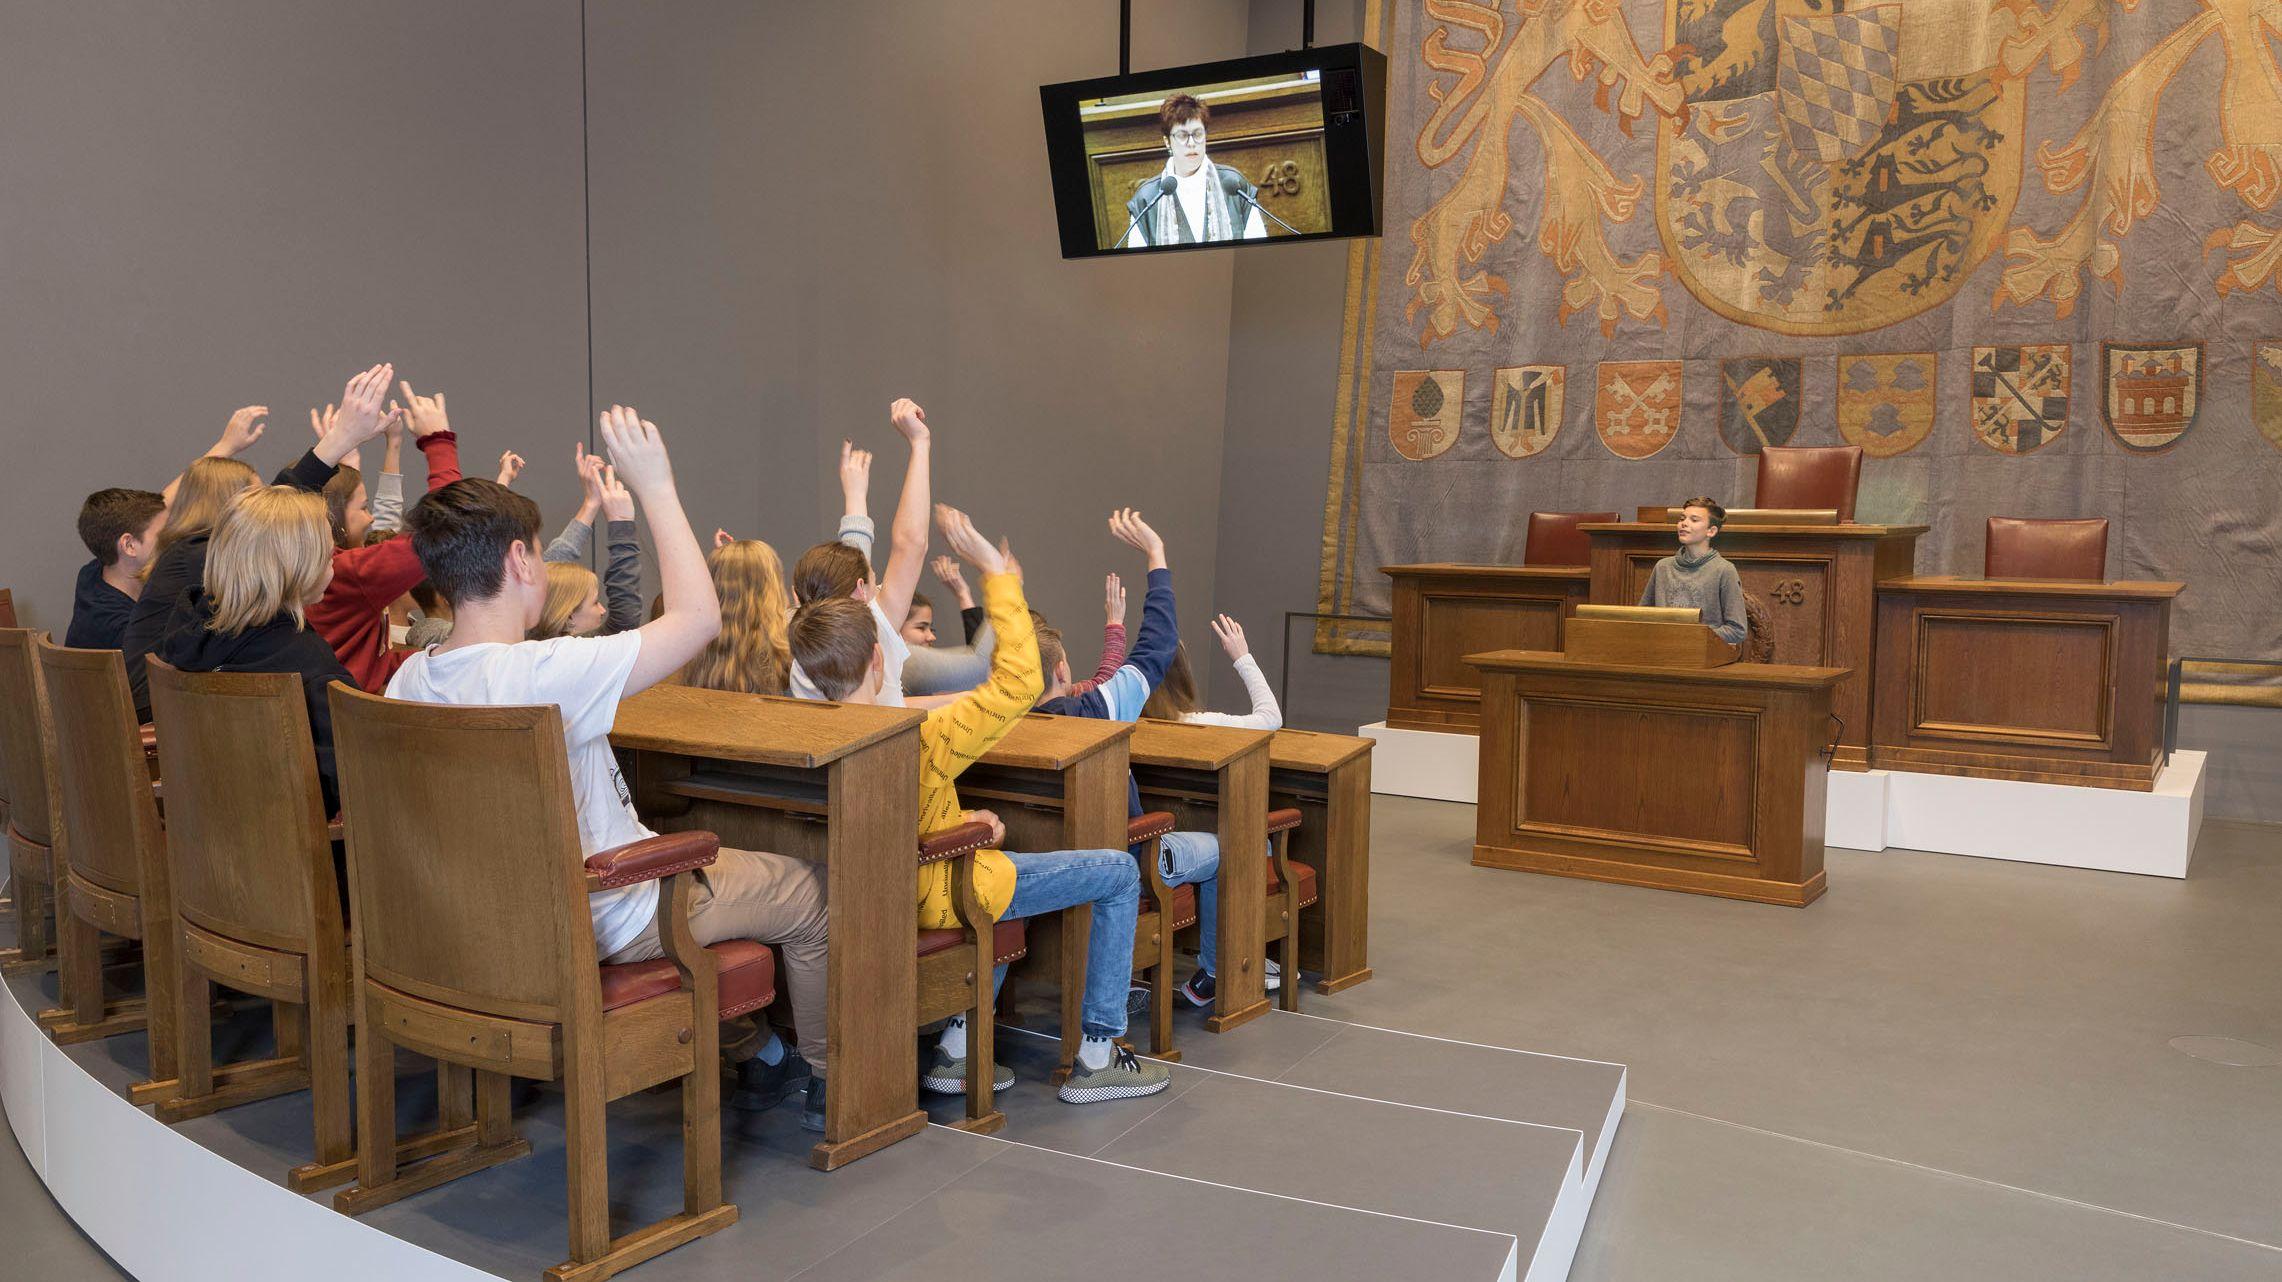 In der interaktiven Landtagsinszenierung des neuen Museums können die Besucher selbst bei drei verschiedenen Landtagsdebatten abstimmen.